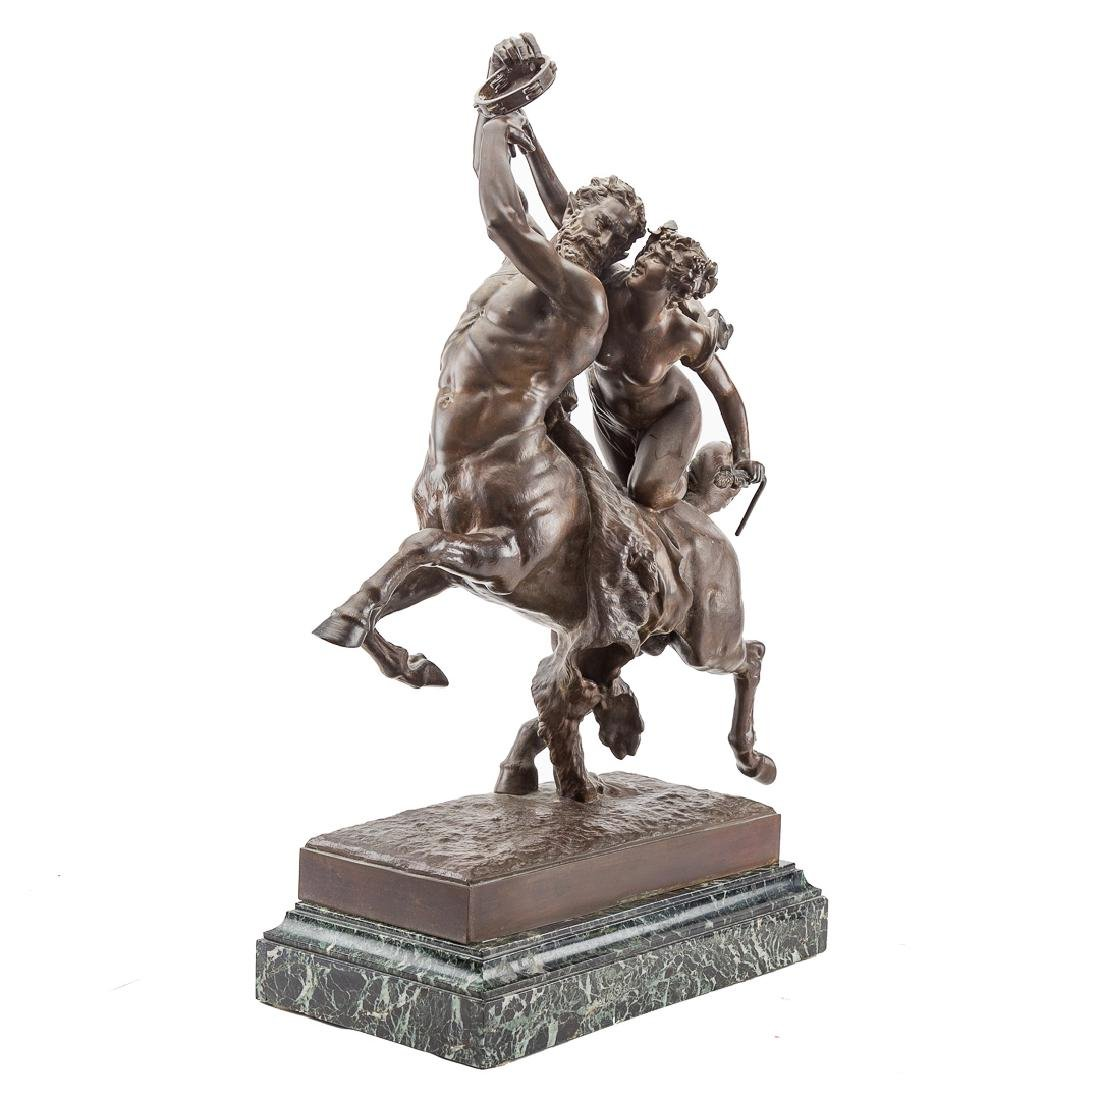 Arthur J. LeDuc, Nessus & Dianera bronze